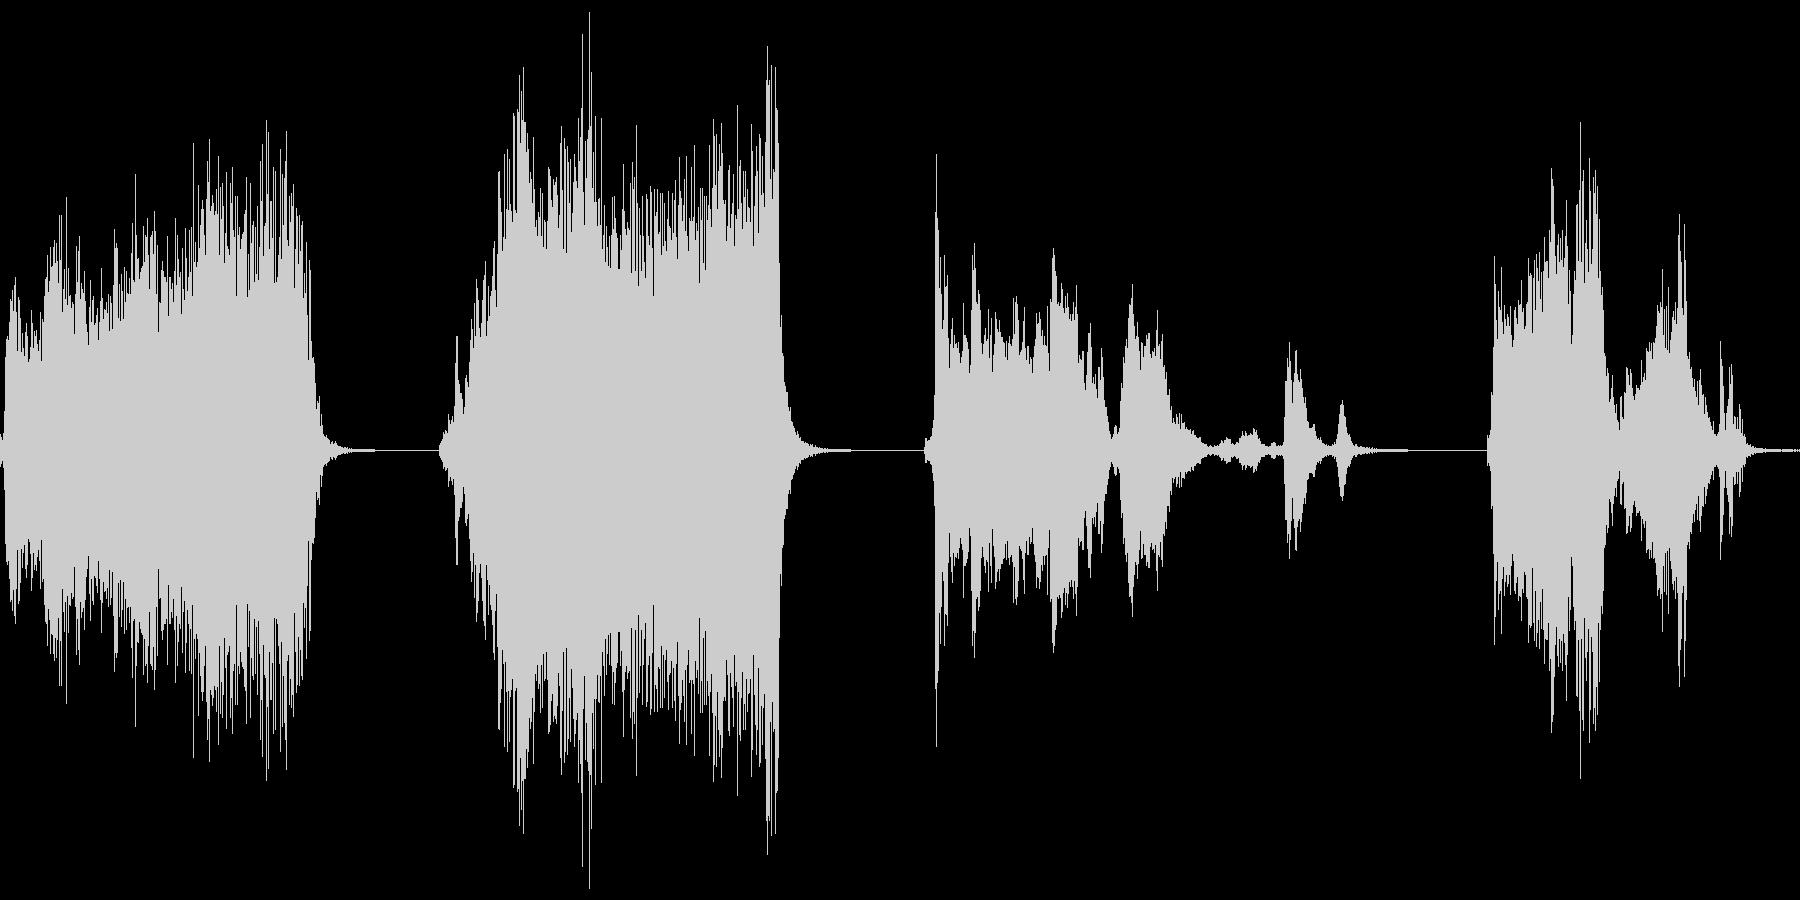 ギギギ…ギィギイときしむ音のセットですの未再生の波形